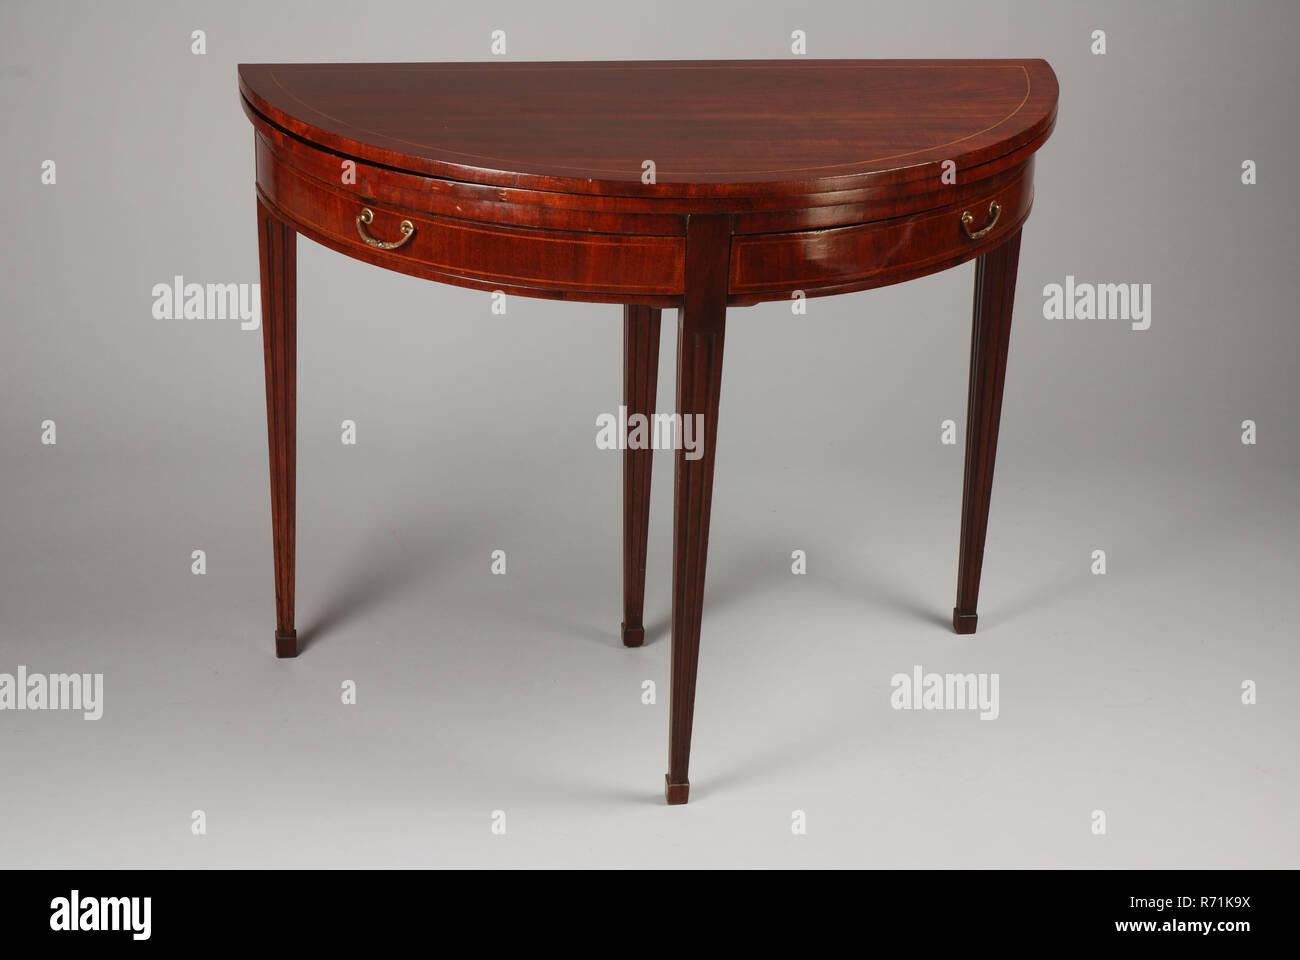 Mahagoni Ausklappbaren Louis Seize Halbmond Tisch, Tisch Klapptisch Tisch  Möbel Innenarchitektur Holz Mahagoni Eiche,